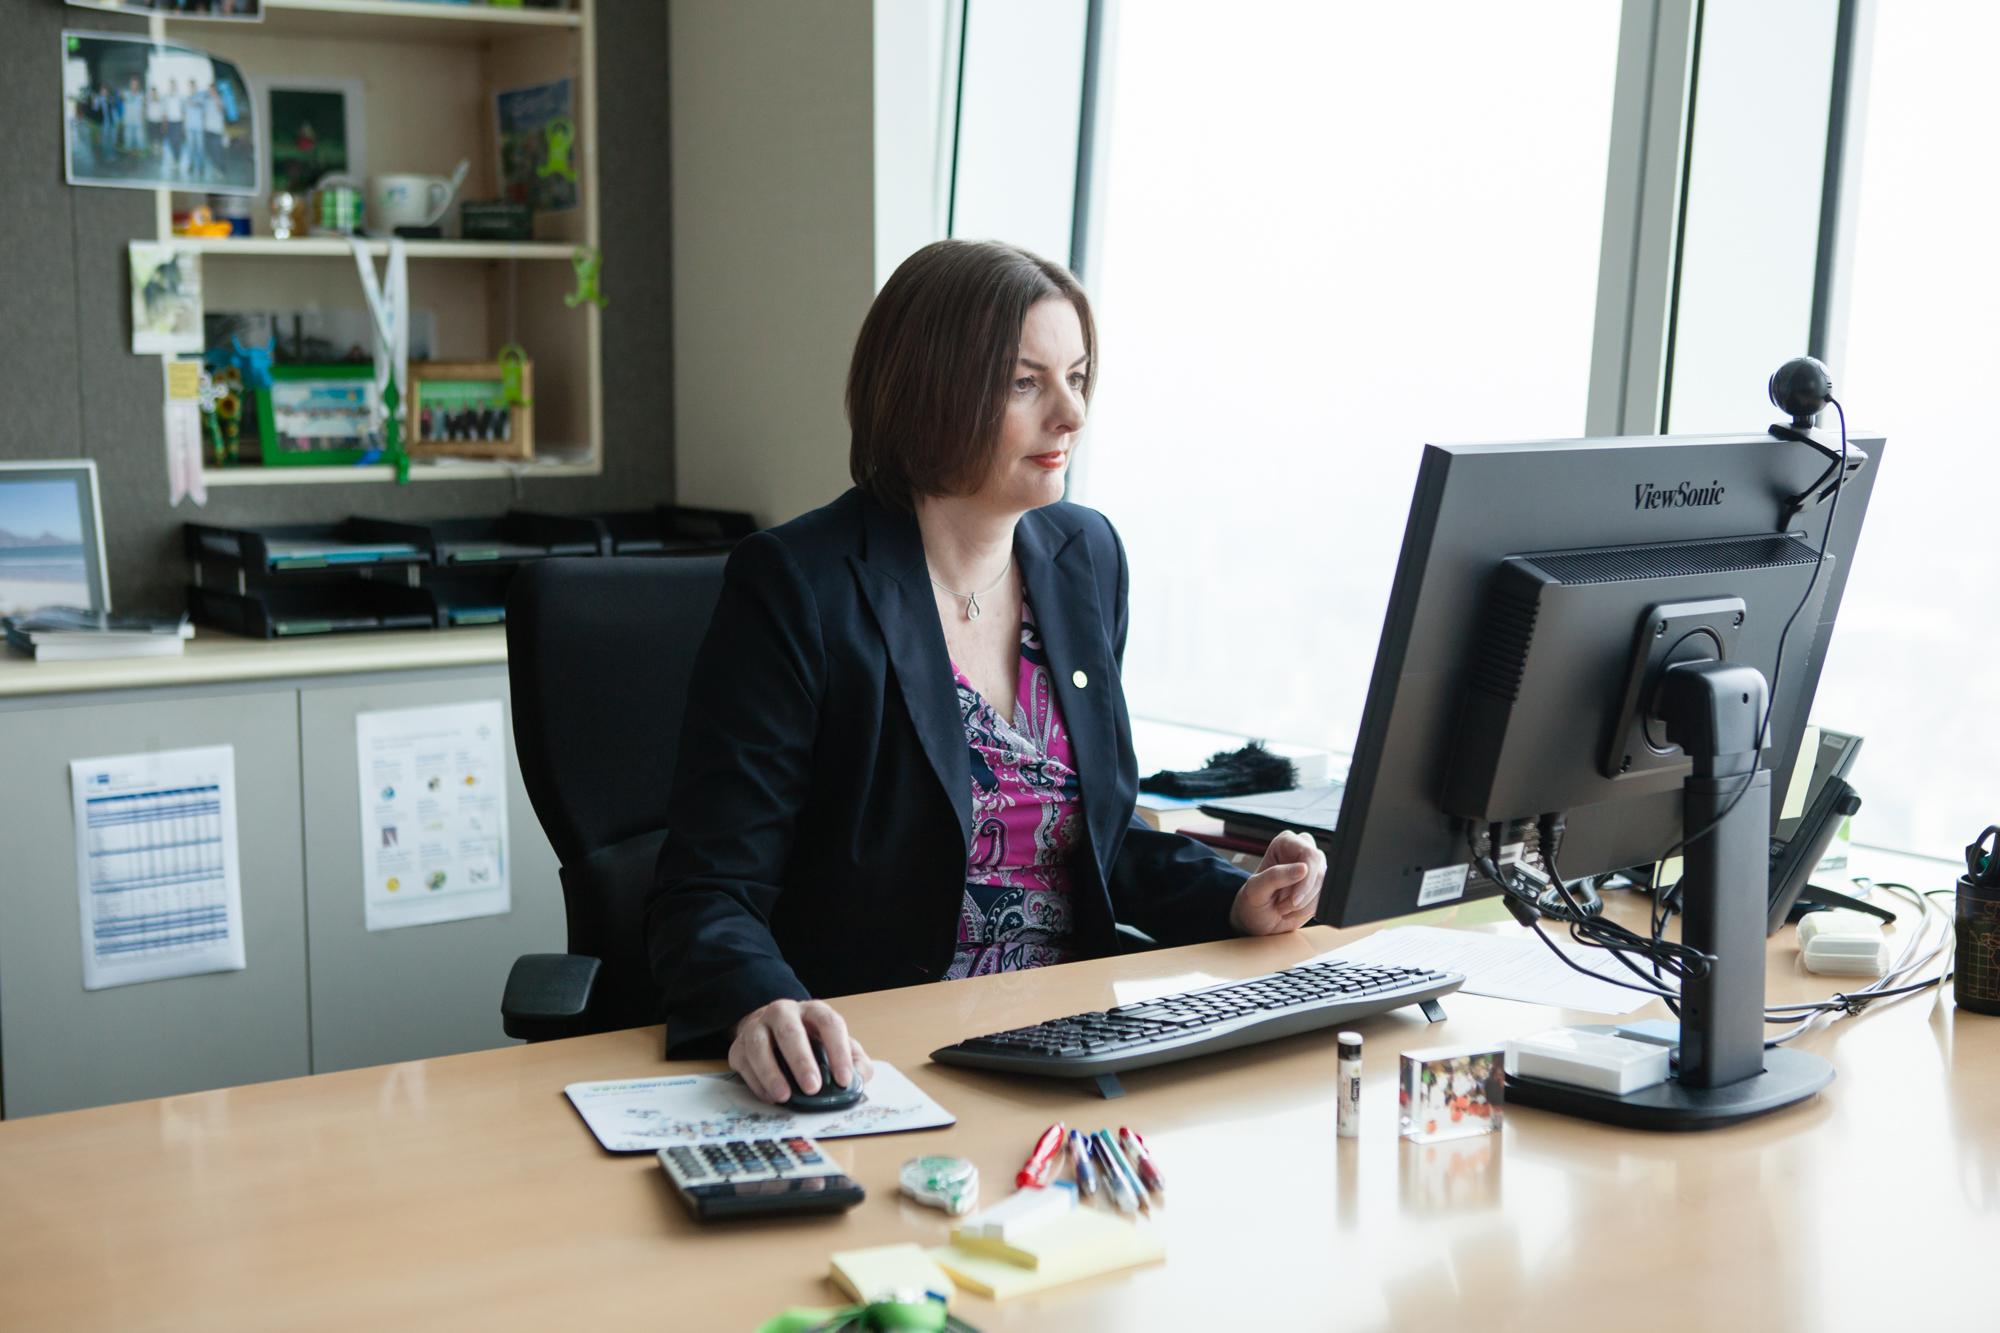 失敗了不過是一張回程機票 – 台灣拜耳 Bayer 總裁 Ms. Gabriela Koehli